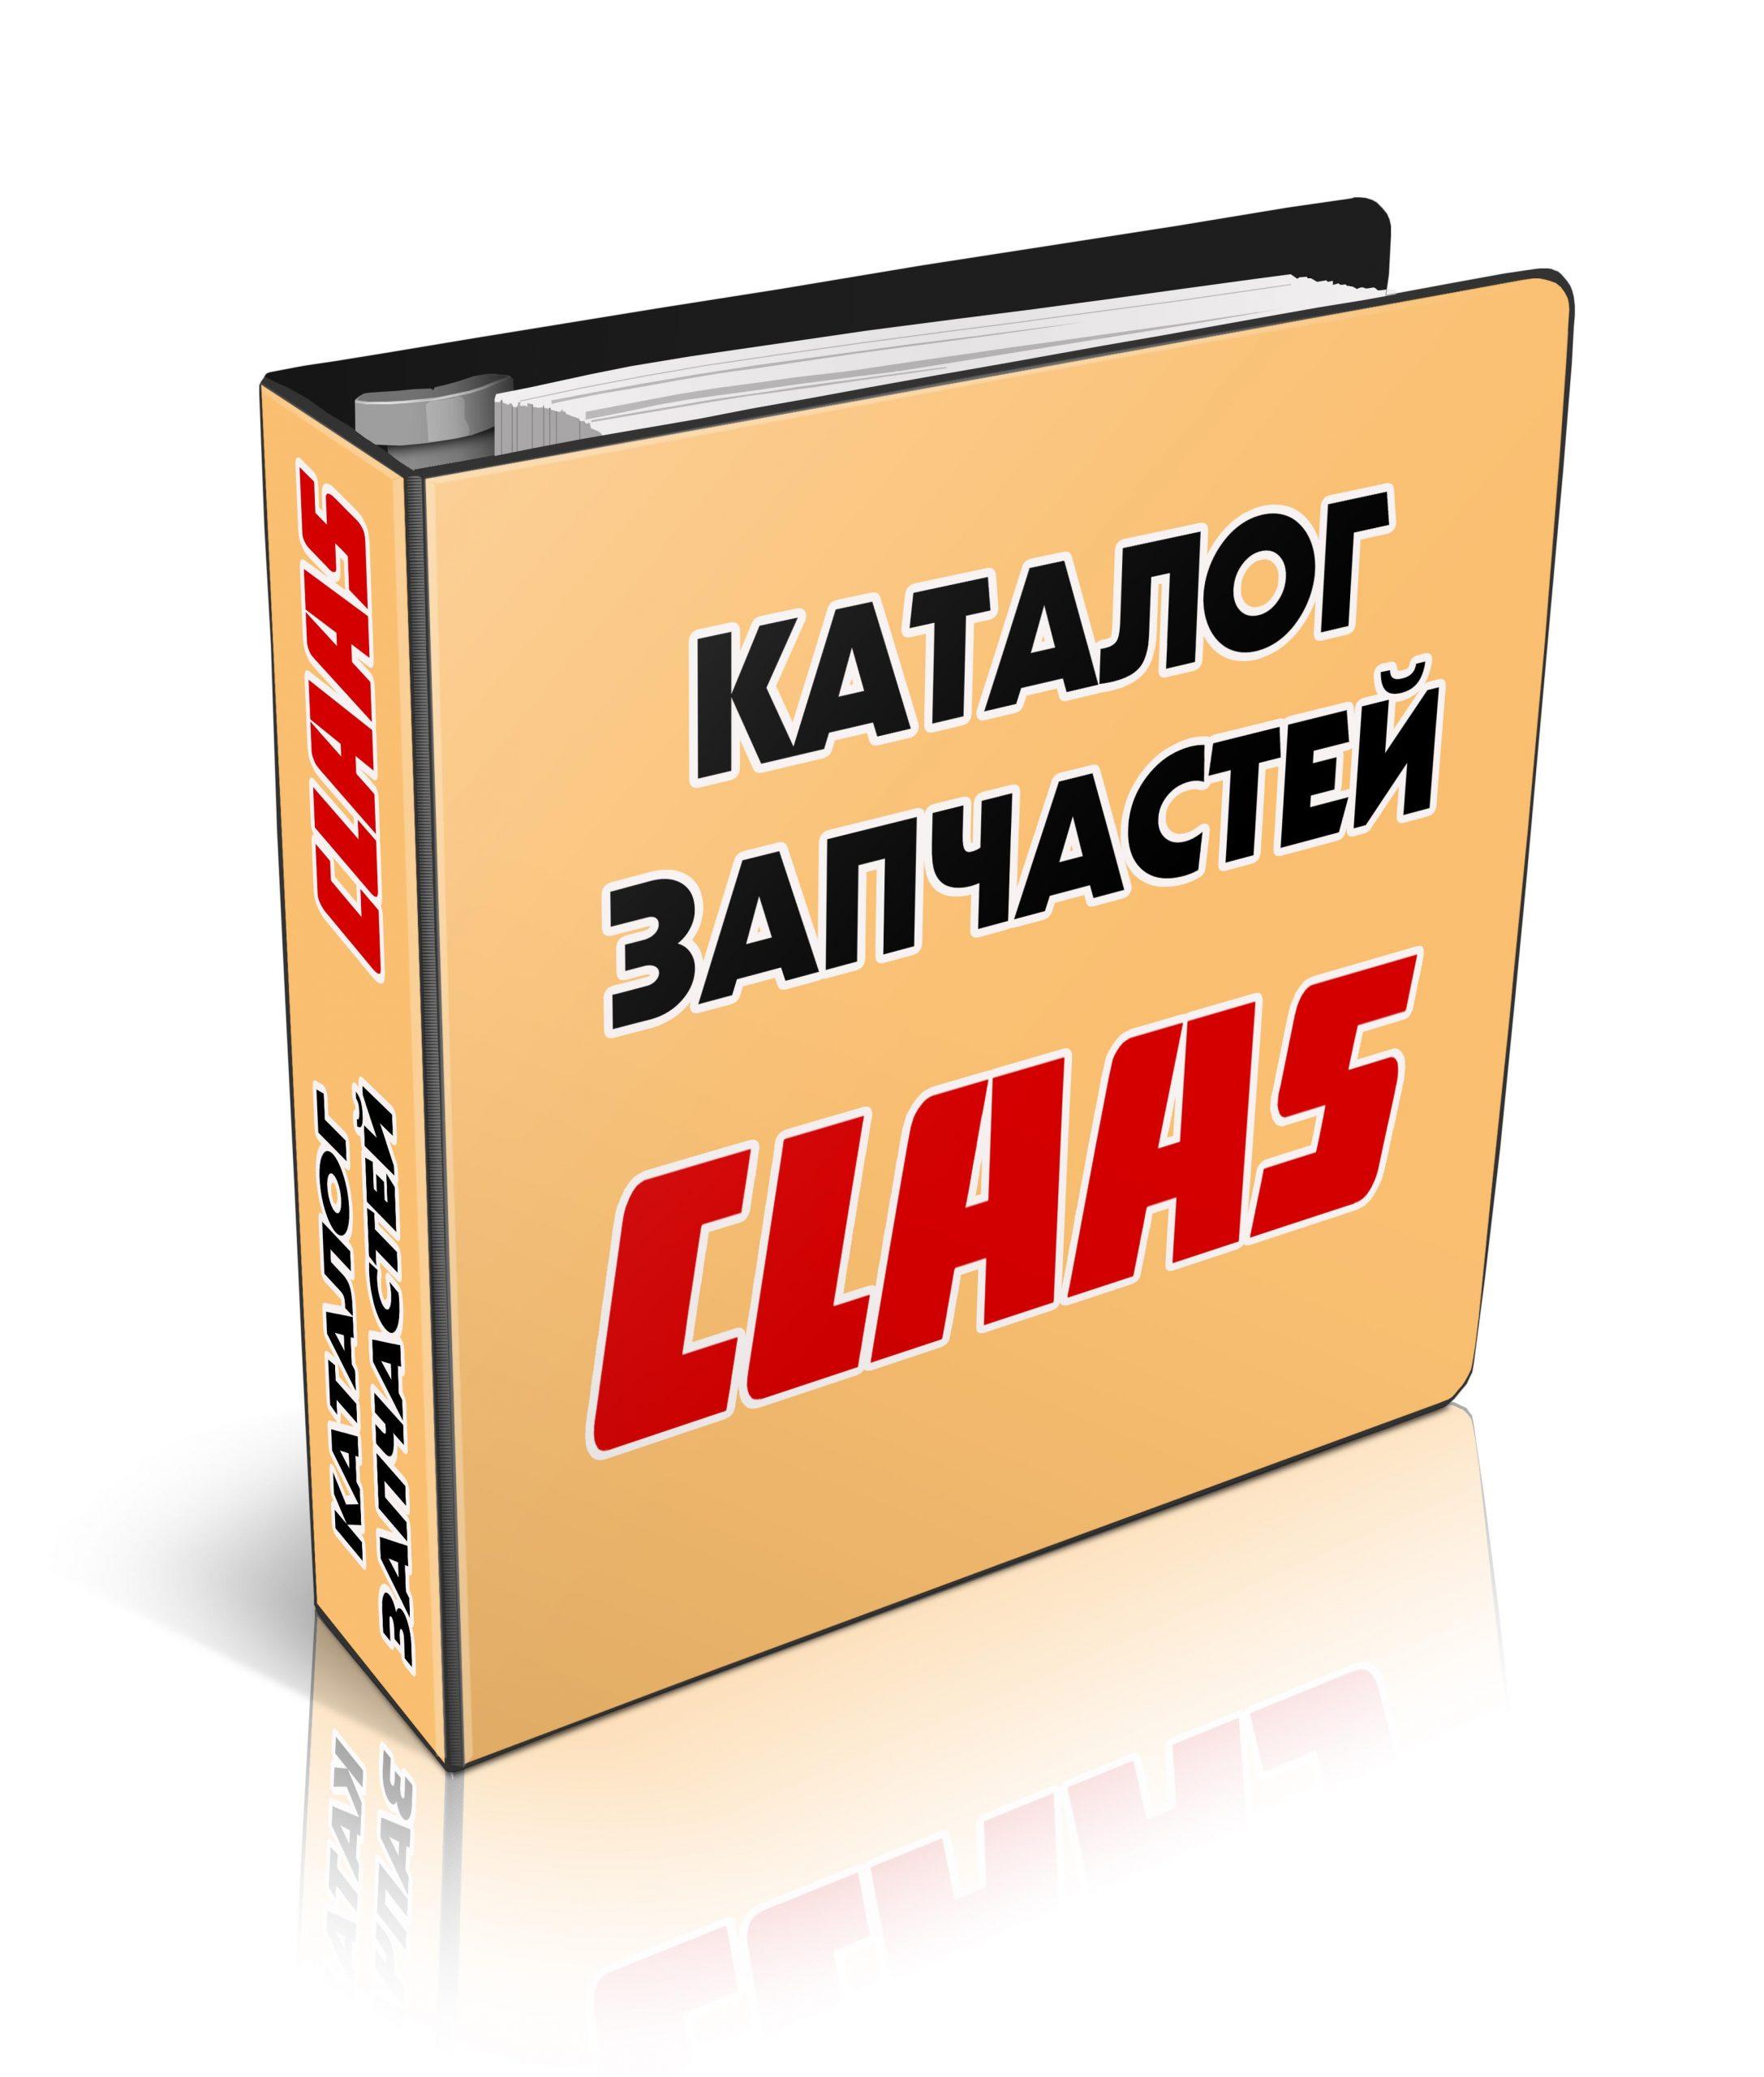 Каталог запчастей КЛААС